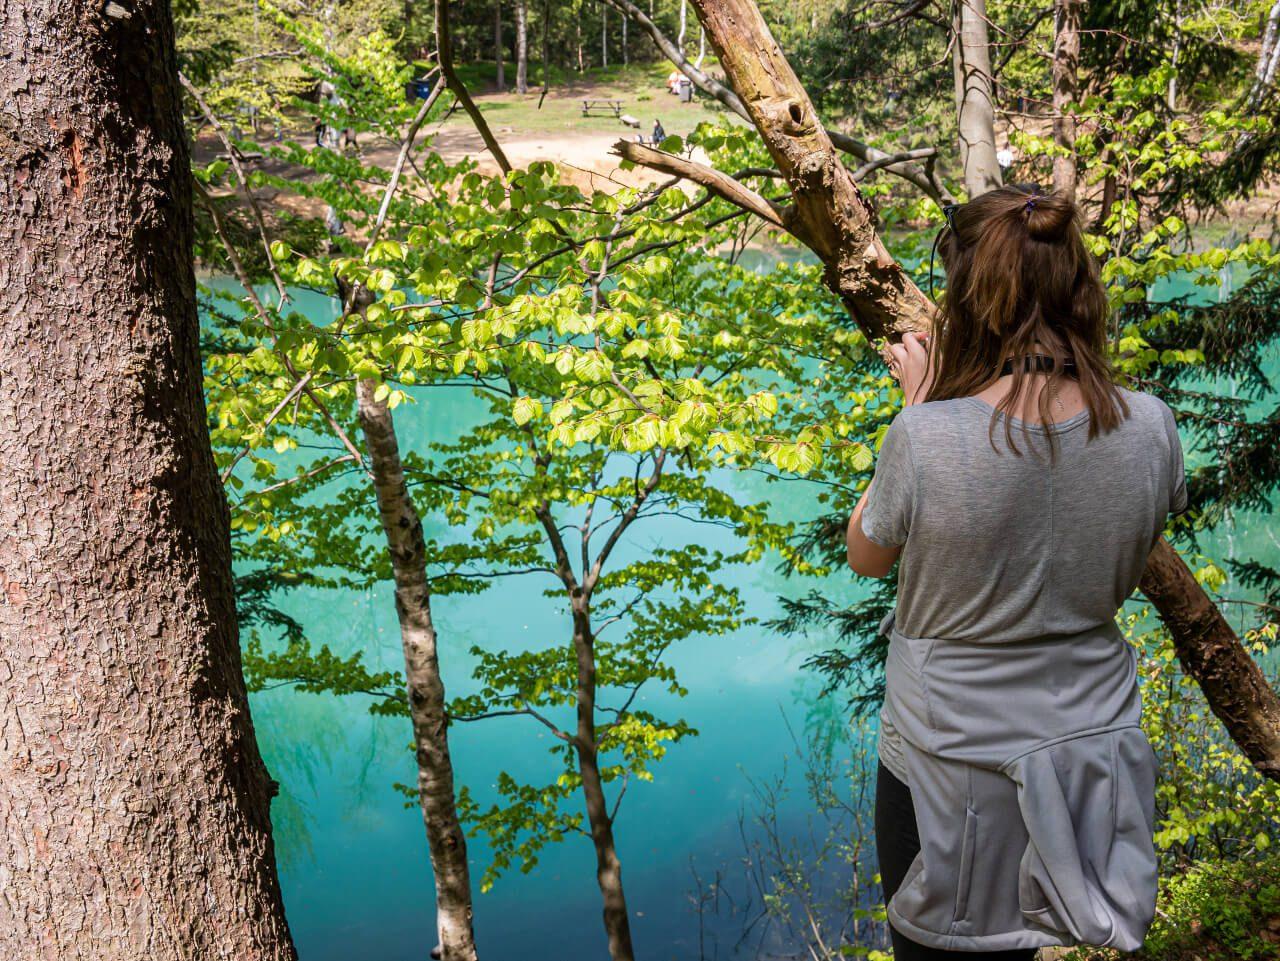 Co warto zobaczyć na Dolnym Śląsku - błękitne jeziorko w Rudawach Janowickich